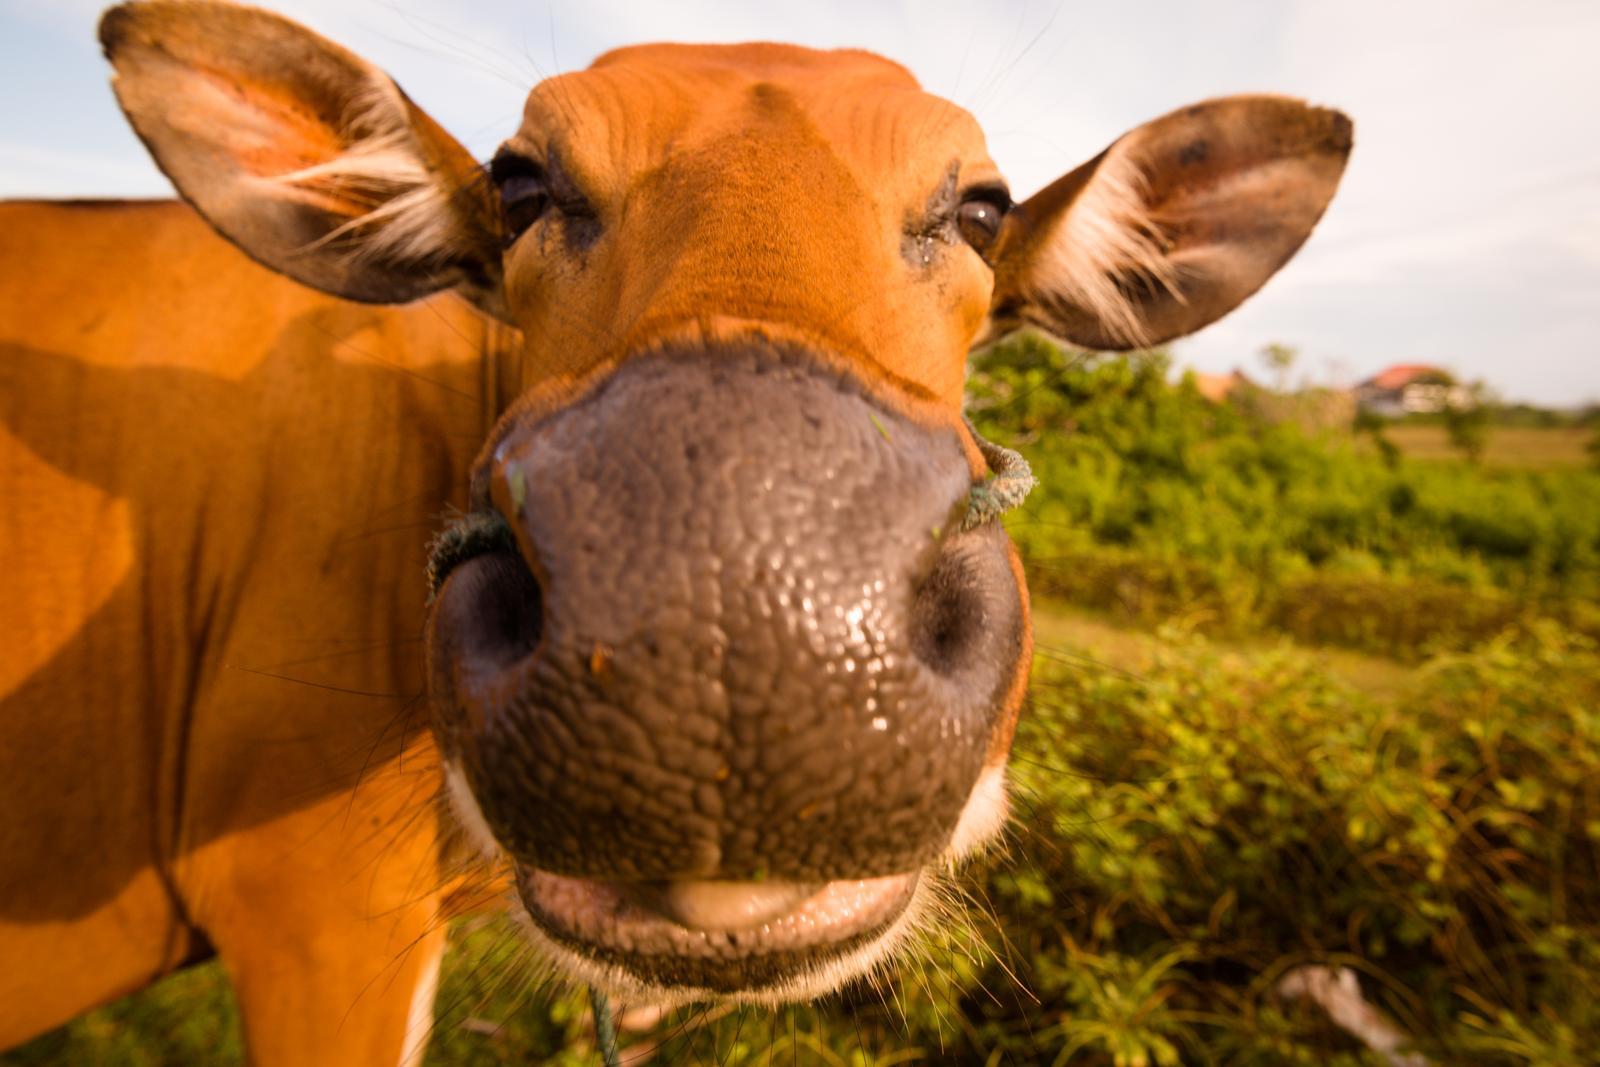 Piimakarjakasvatus Pärnumaal